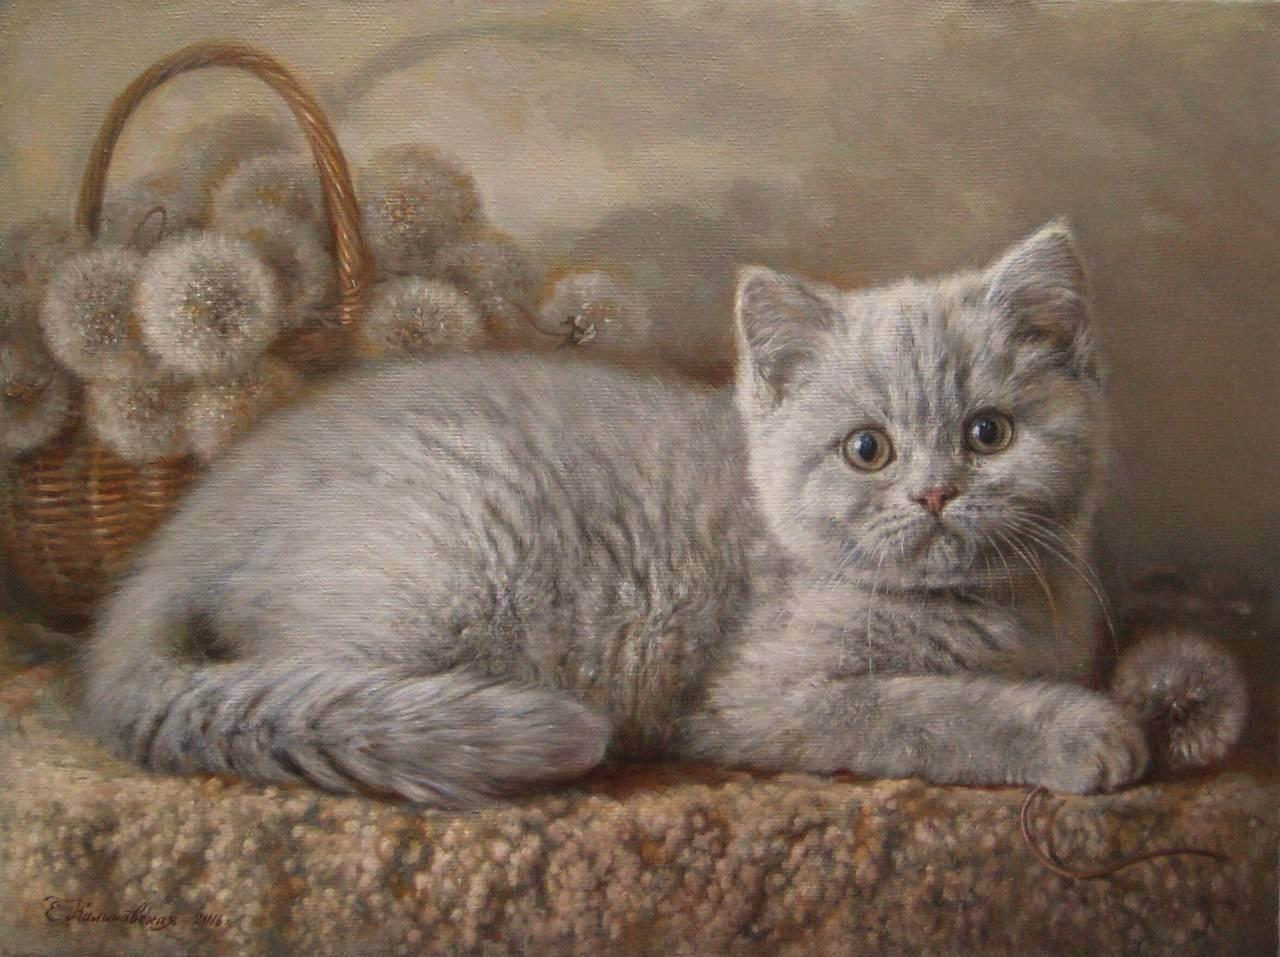 Британские котята: уход, воспитание, кормление британца, какой корм лучше, фото